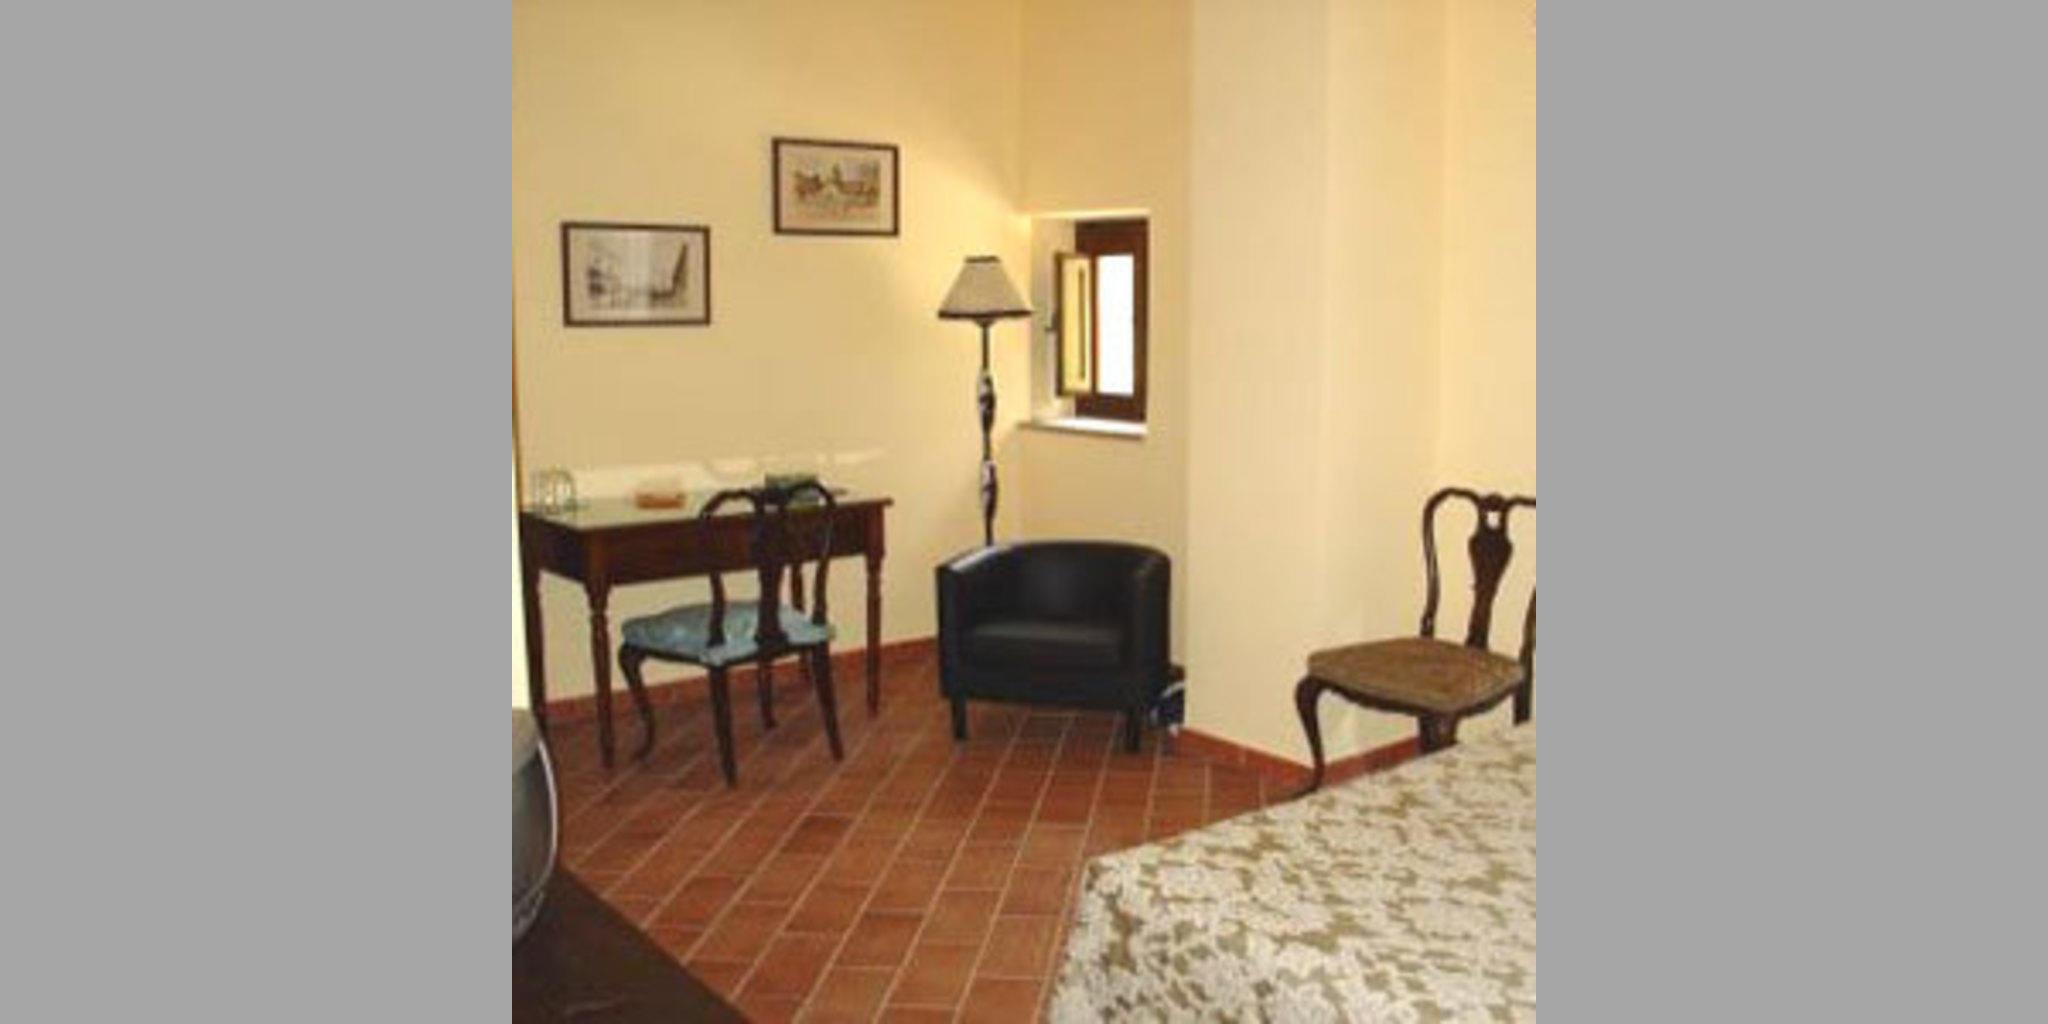 Bed & Breakfast Piazza Armerina - Villa Santa Croce